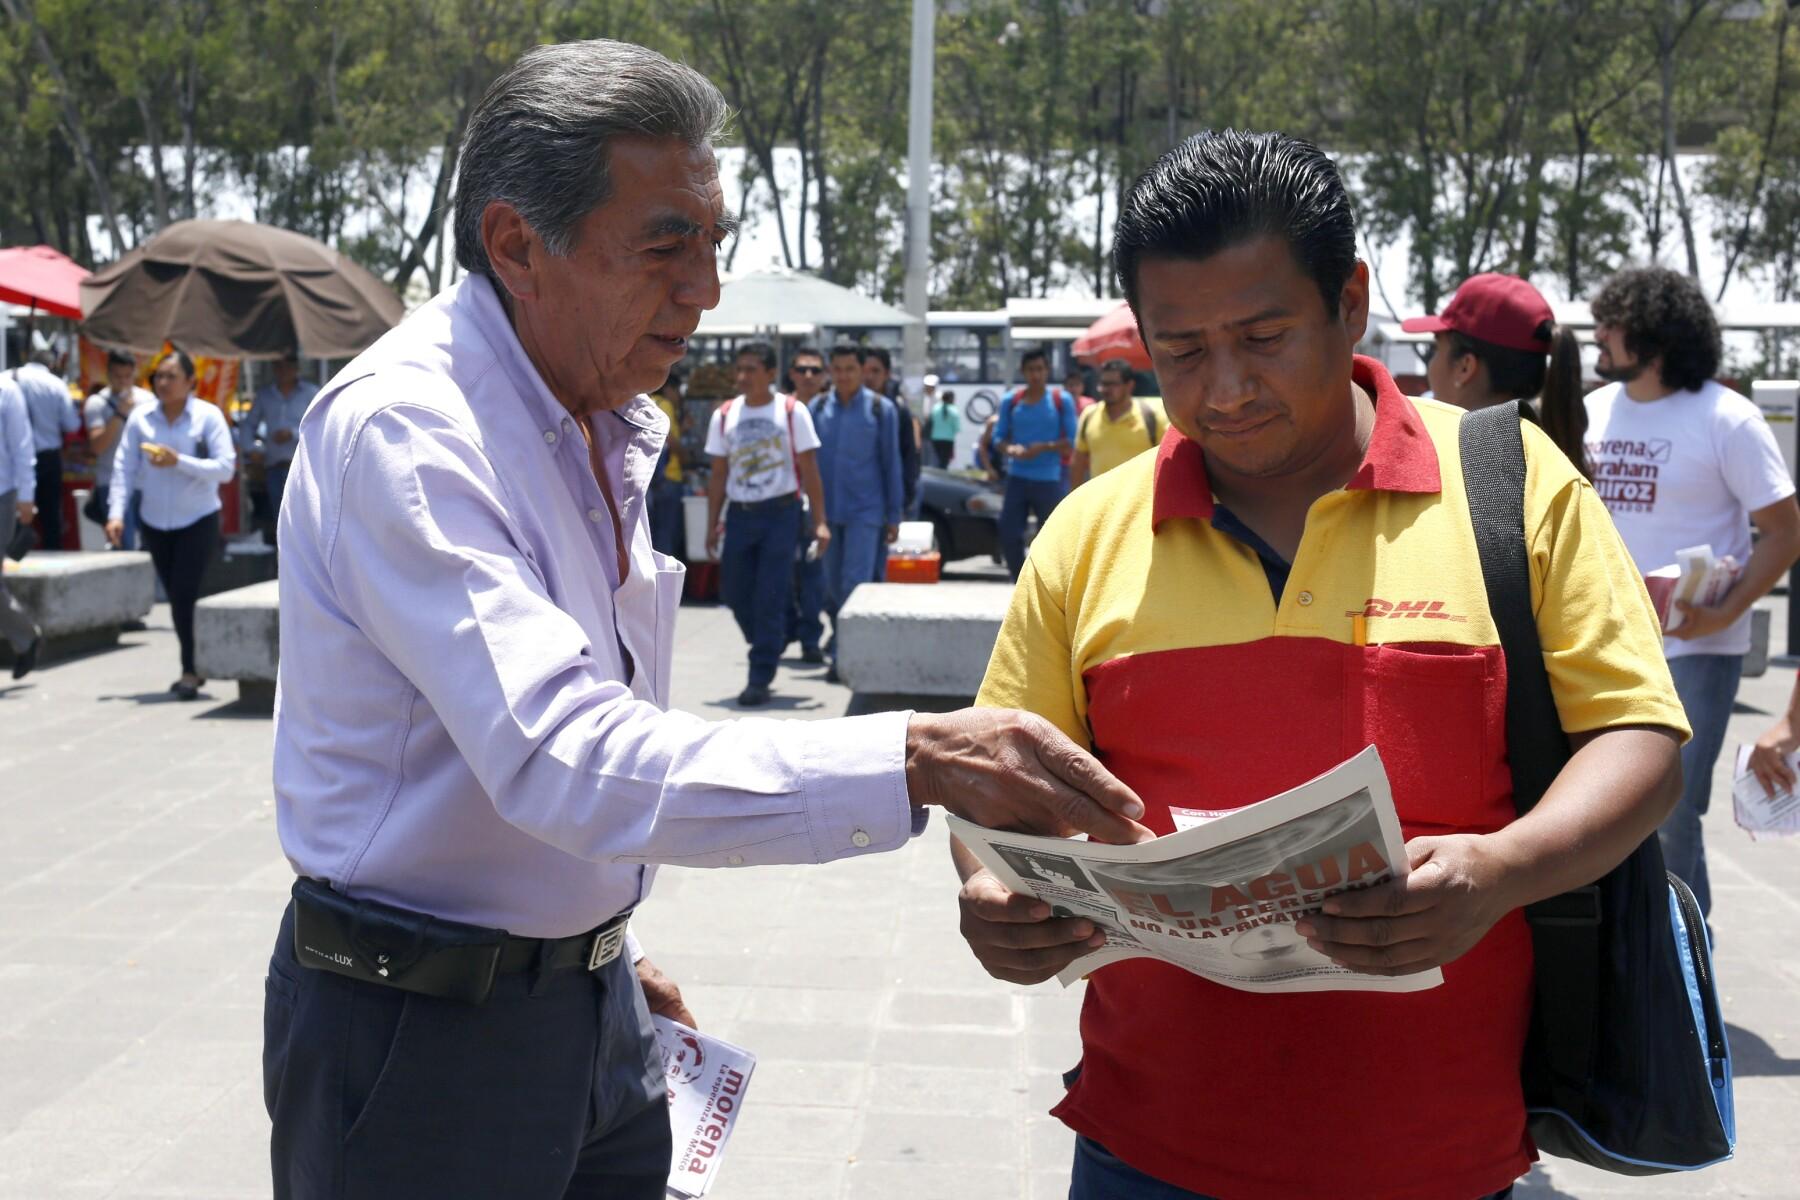 El candidato de Morena a gobernador de Puebla, Abraham Quiroz, resalta que urge atender el desempleo, la corrución y la inseguridad.